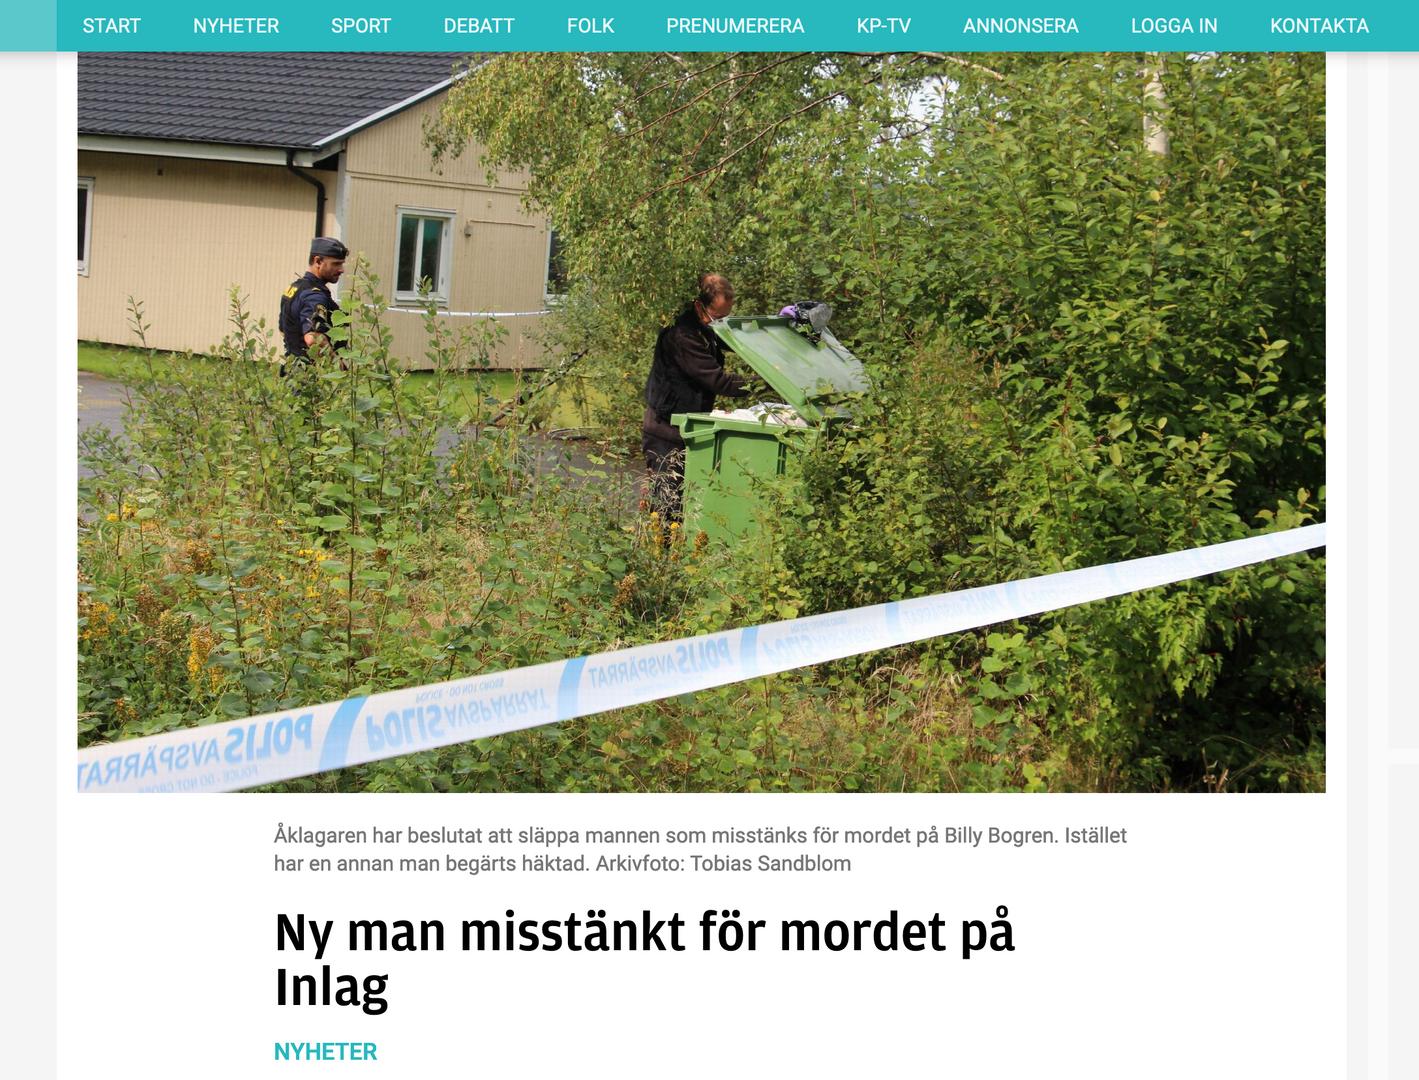 Ny man misstänkt för mordet på Inlag